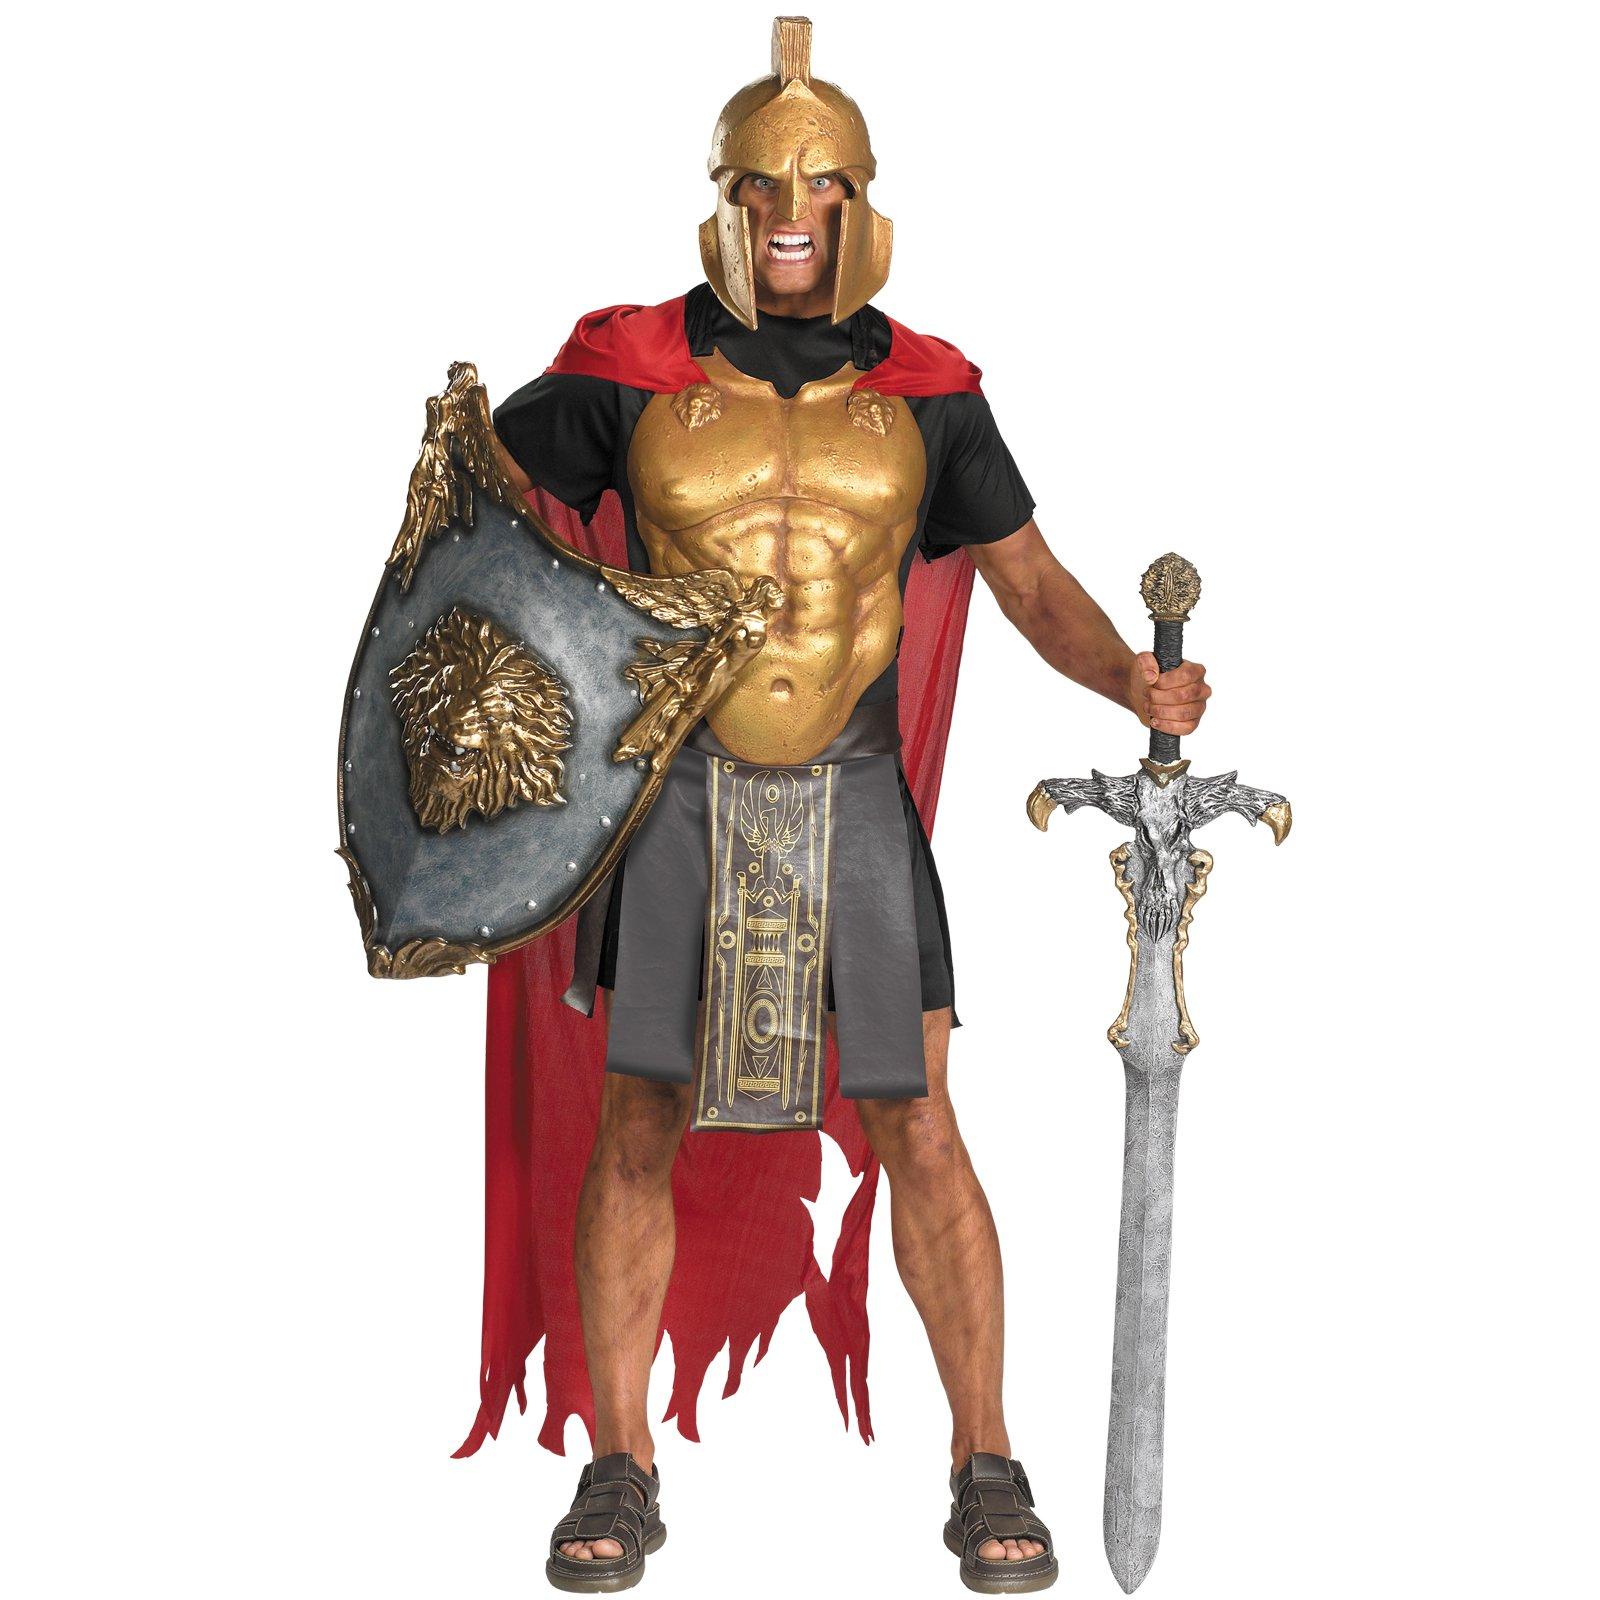 римский легионер, рисунок, клипарт